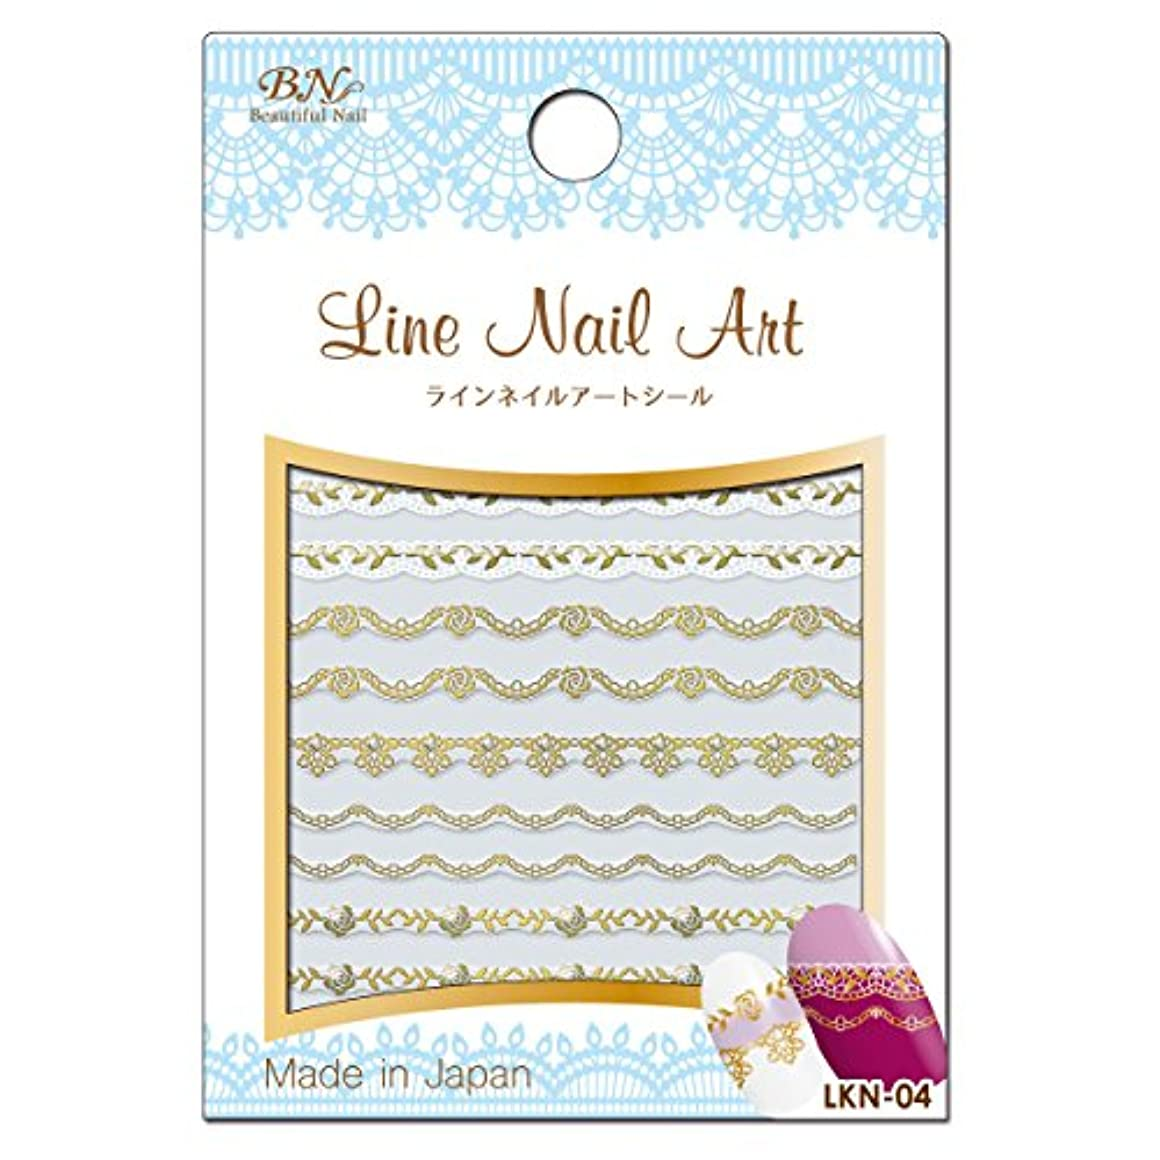 インスタントアパート消費者BN ラインネイルアートシール LKN-04 レース 箔ゴールド × ホワイト (1シート)